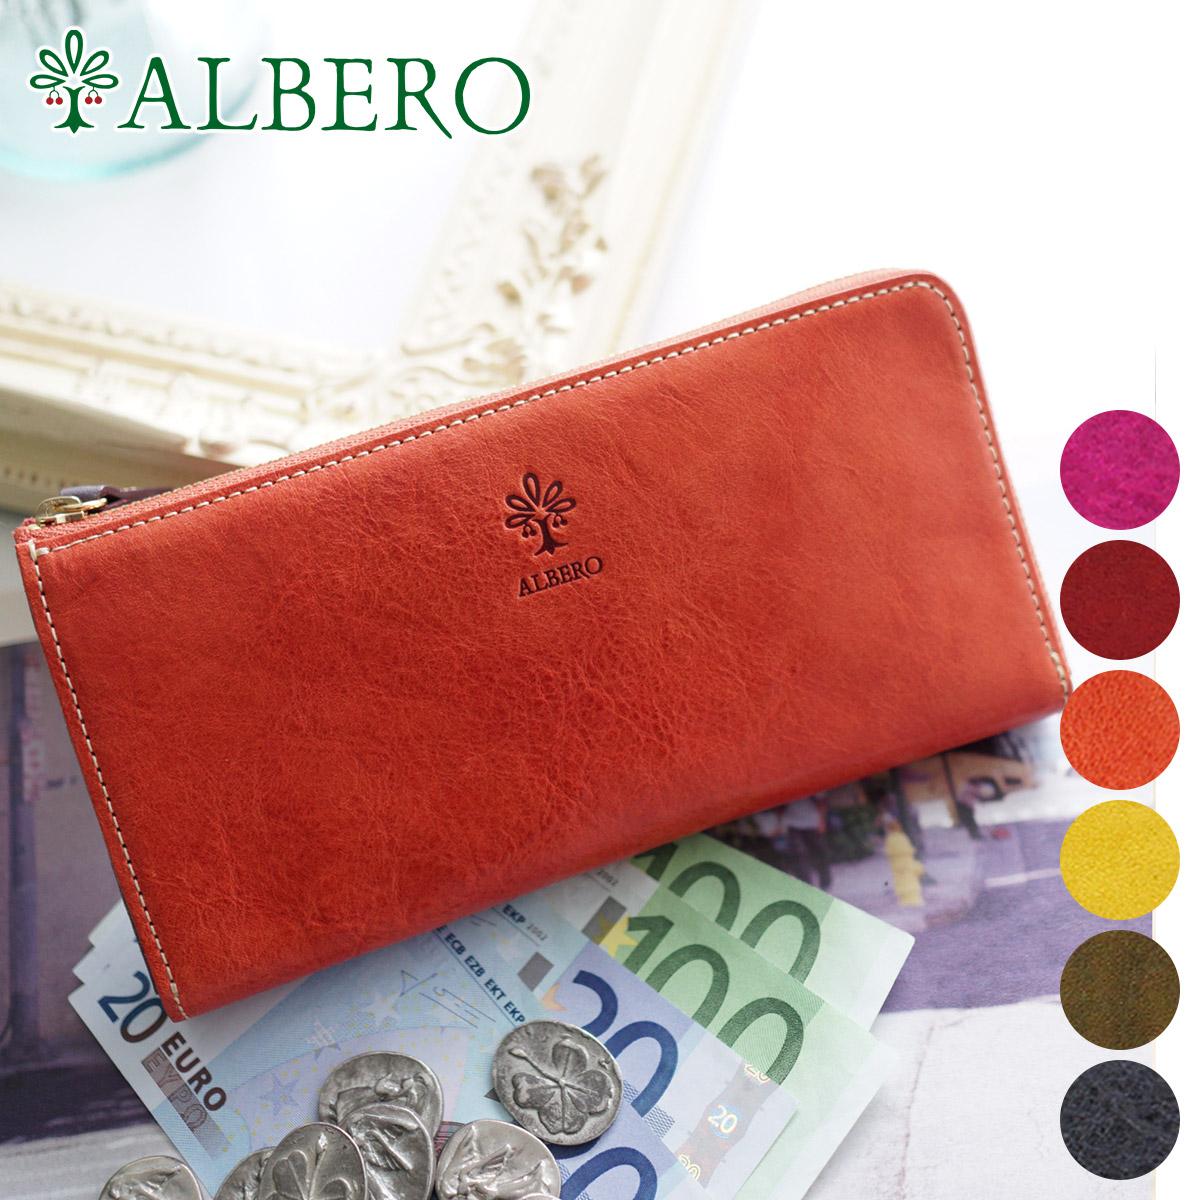 【選べるかわいいノベルティ付】 ALBERO アルベロ 長財布PIERROT(ピエロ) 小銭入れ付き長財布(L字ファスナー式) 6300レディース 財布 長財布 日本製 ギフト かわいい おしゃれ プレゼント